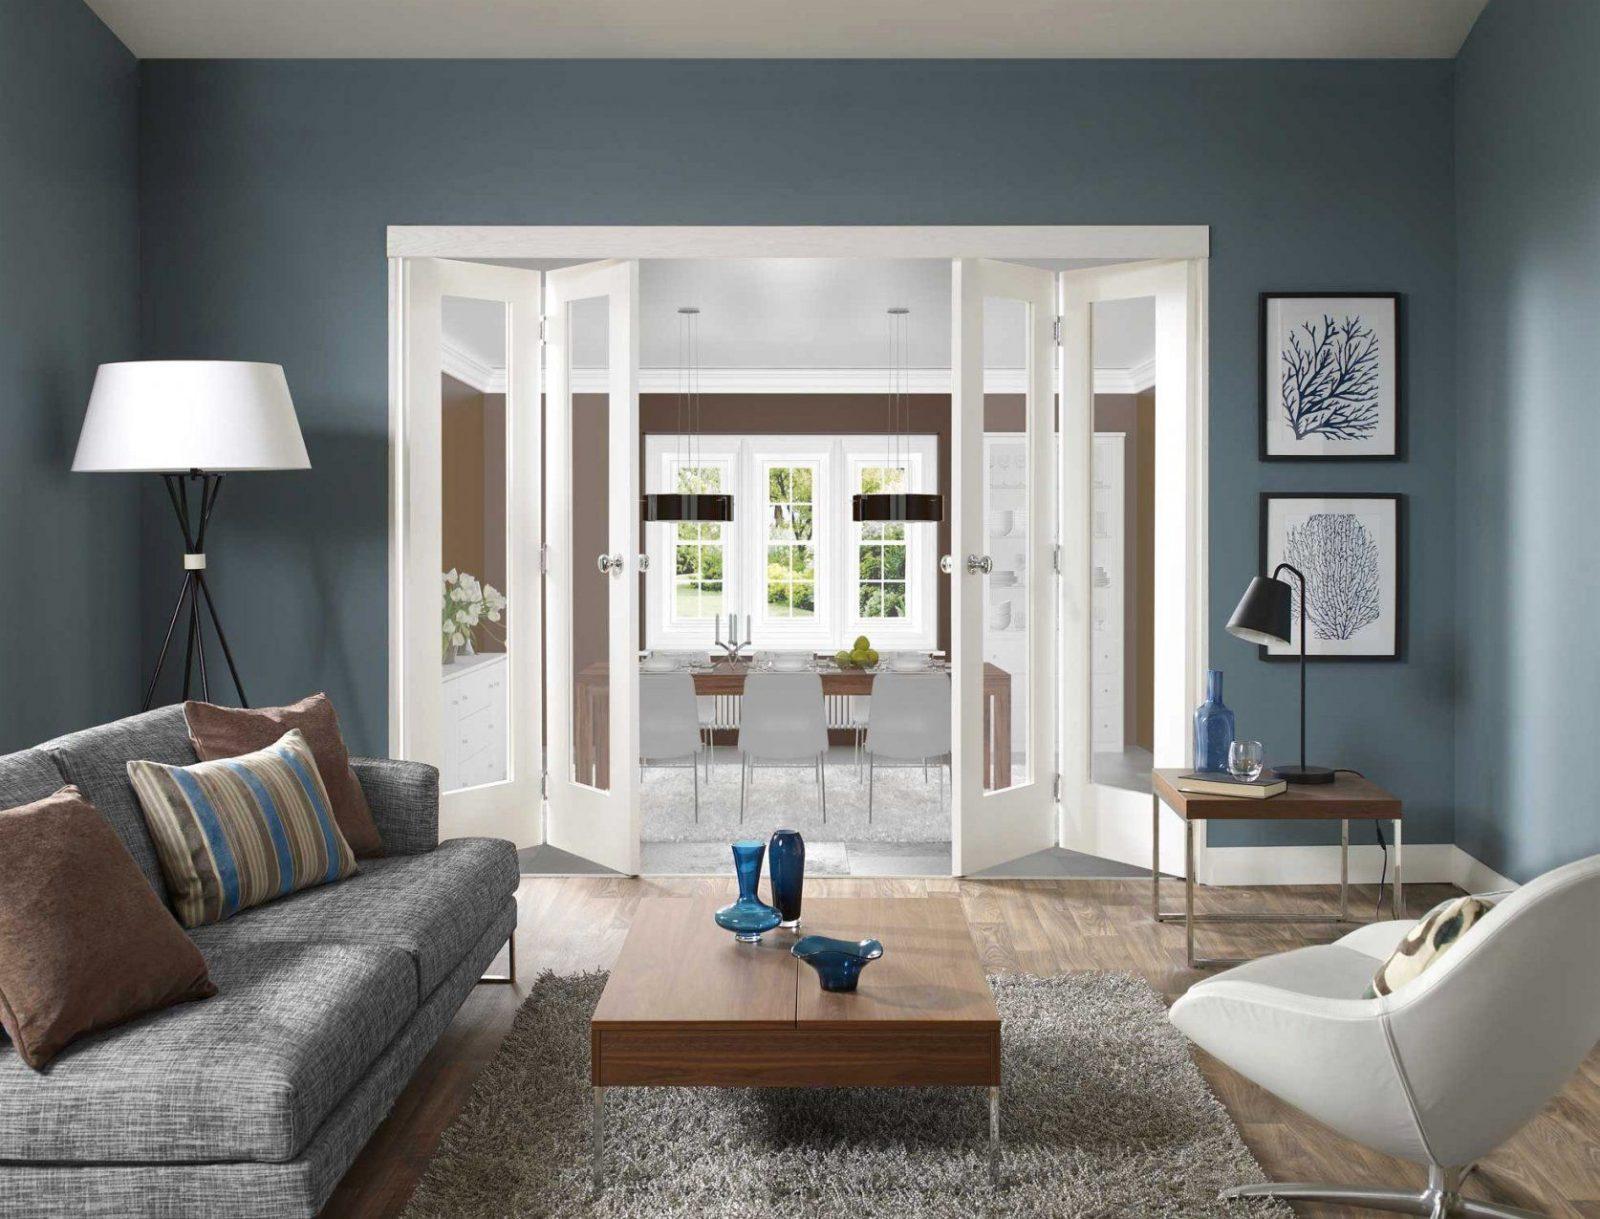 Andere Auf Wand Blaue Wandfarbe Graue Möbel Letztere Plus Mobel von Graue Möbel Welche Wandfarbe Bild